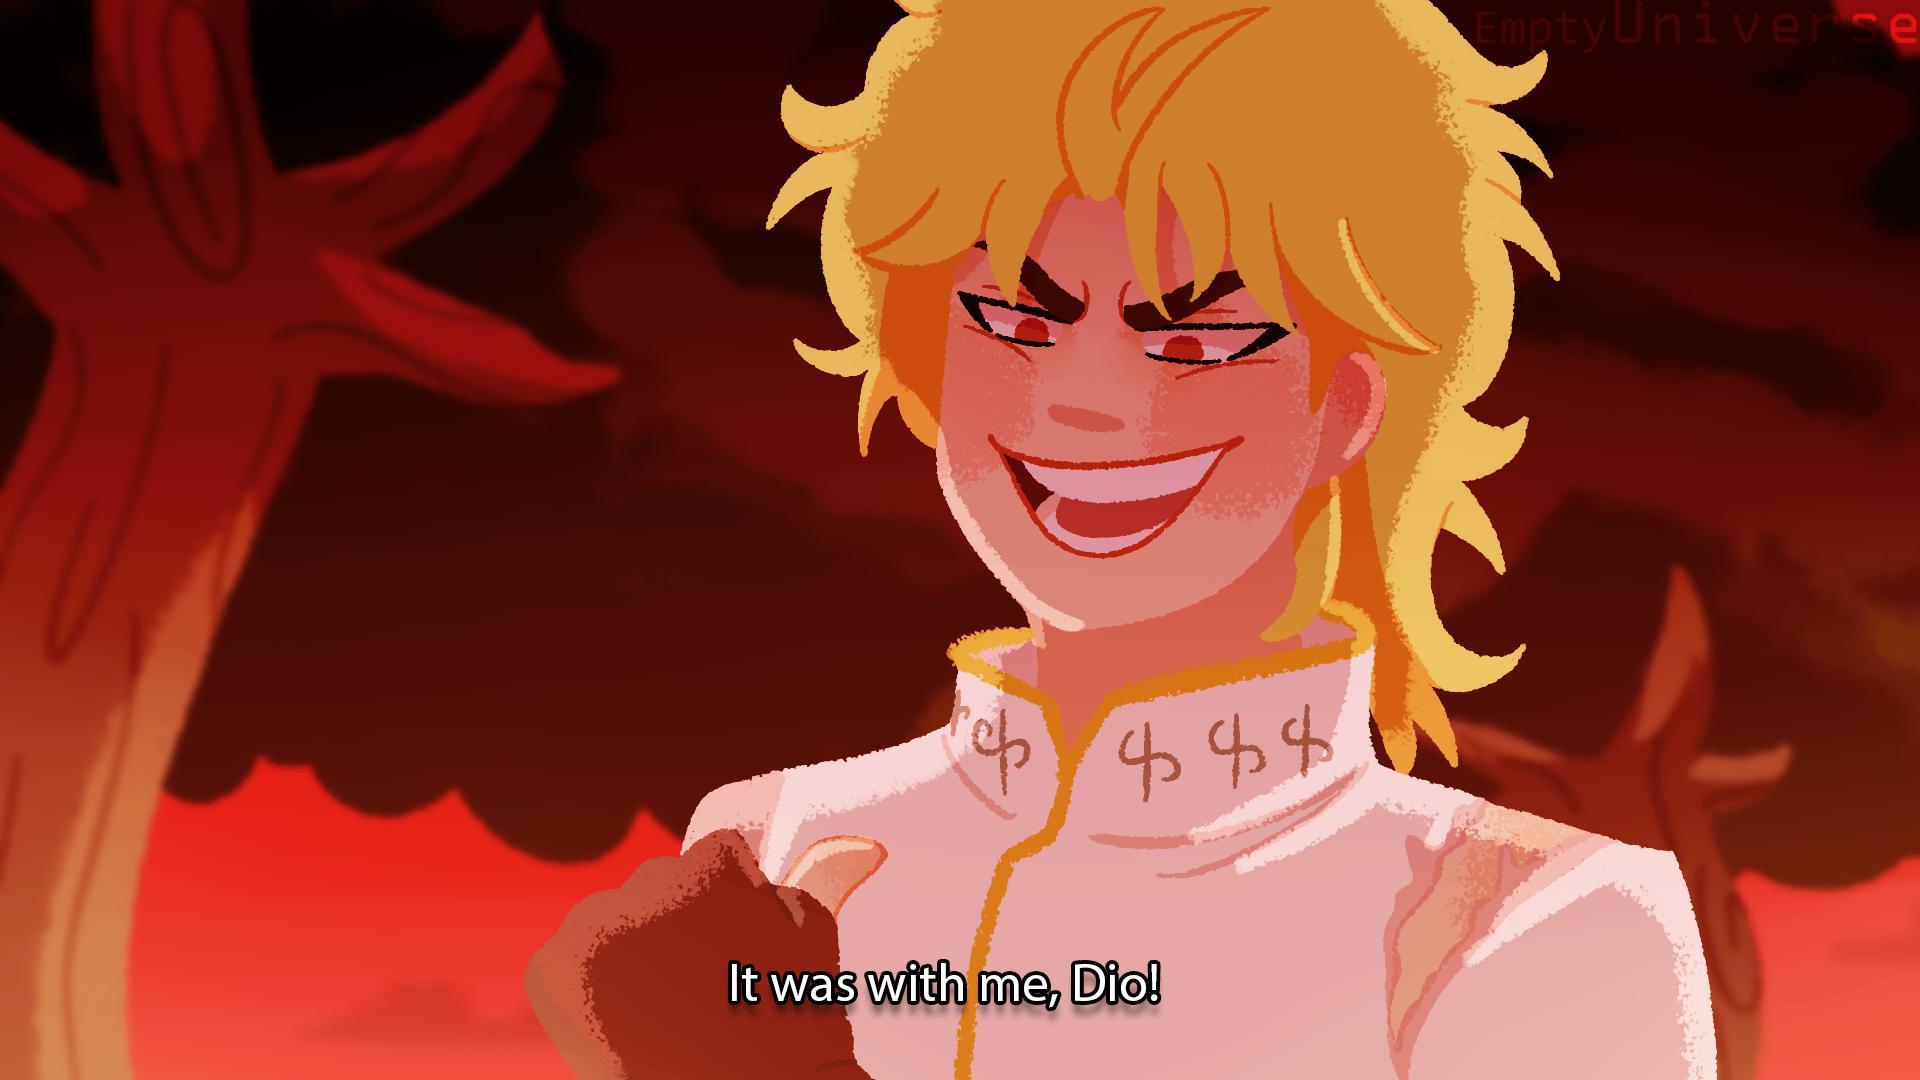 Emptyuniverse Haru On Twitter Episode 1 Dio The Invader